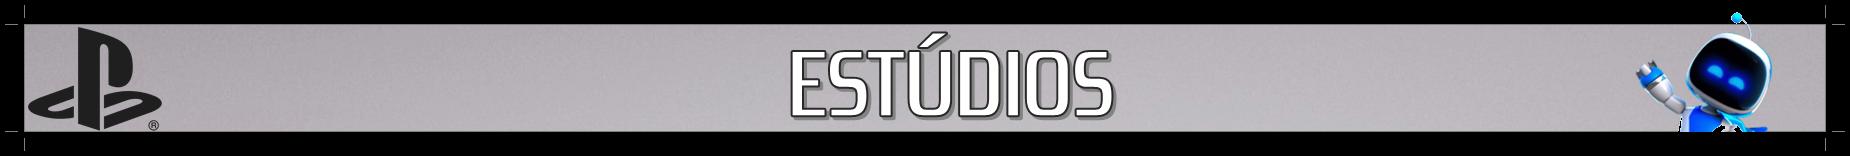 ESTUDIOS.png